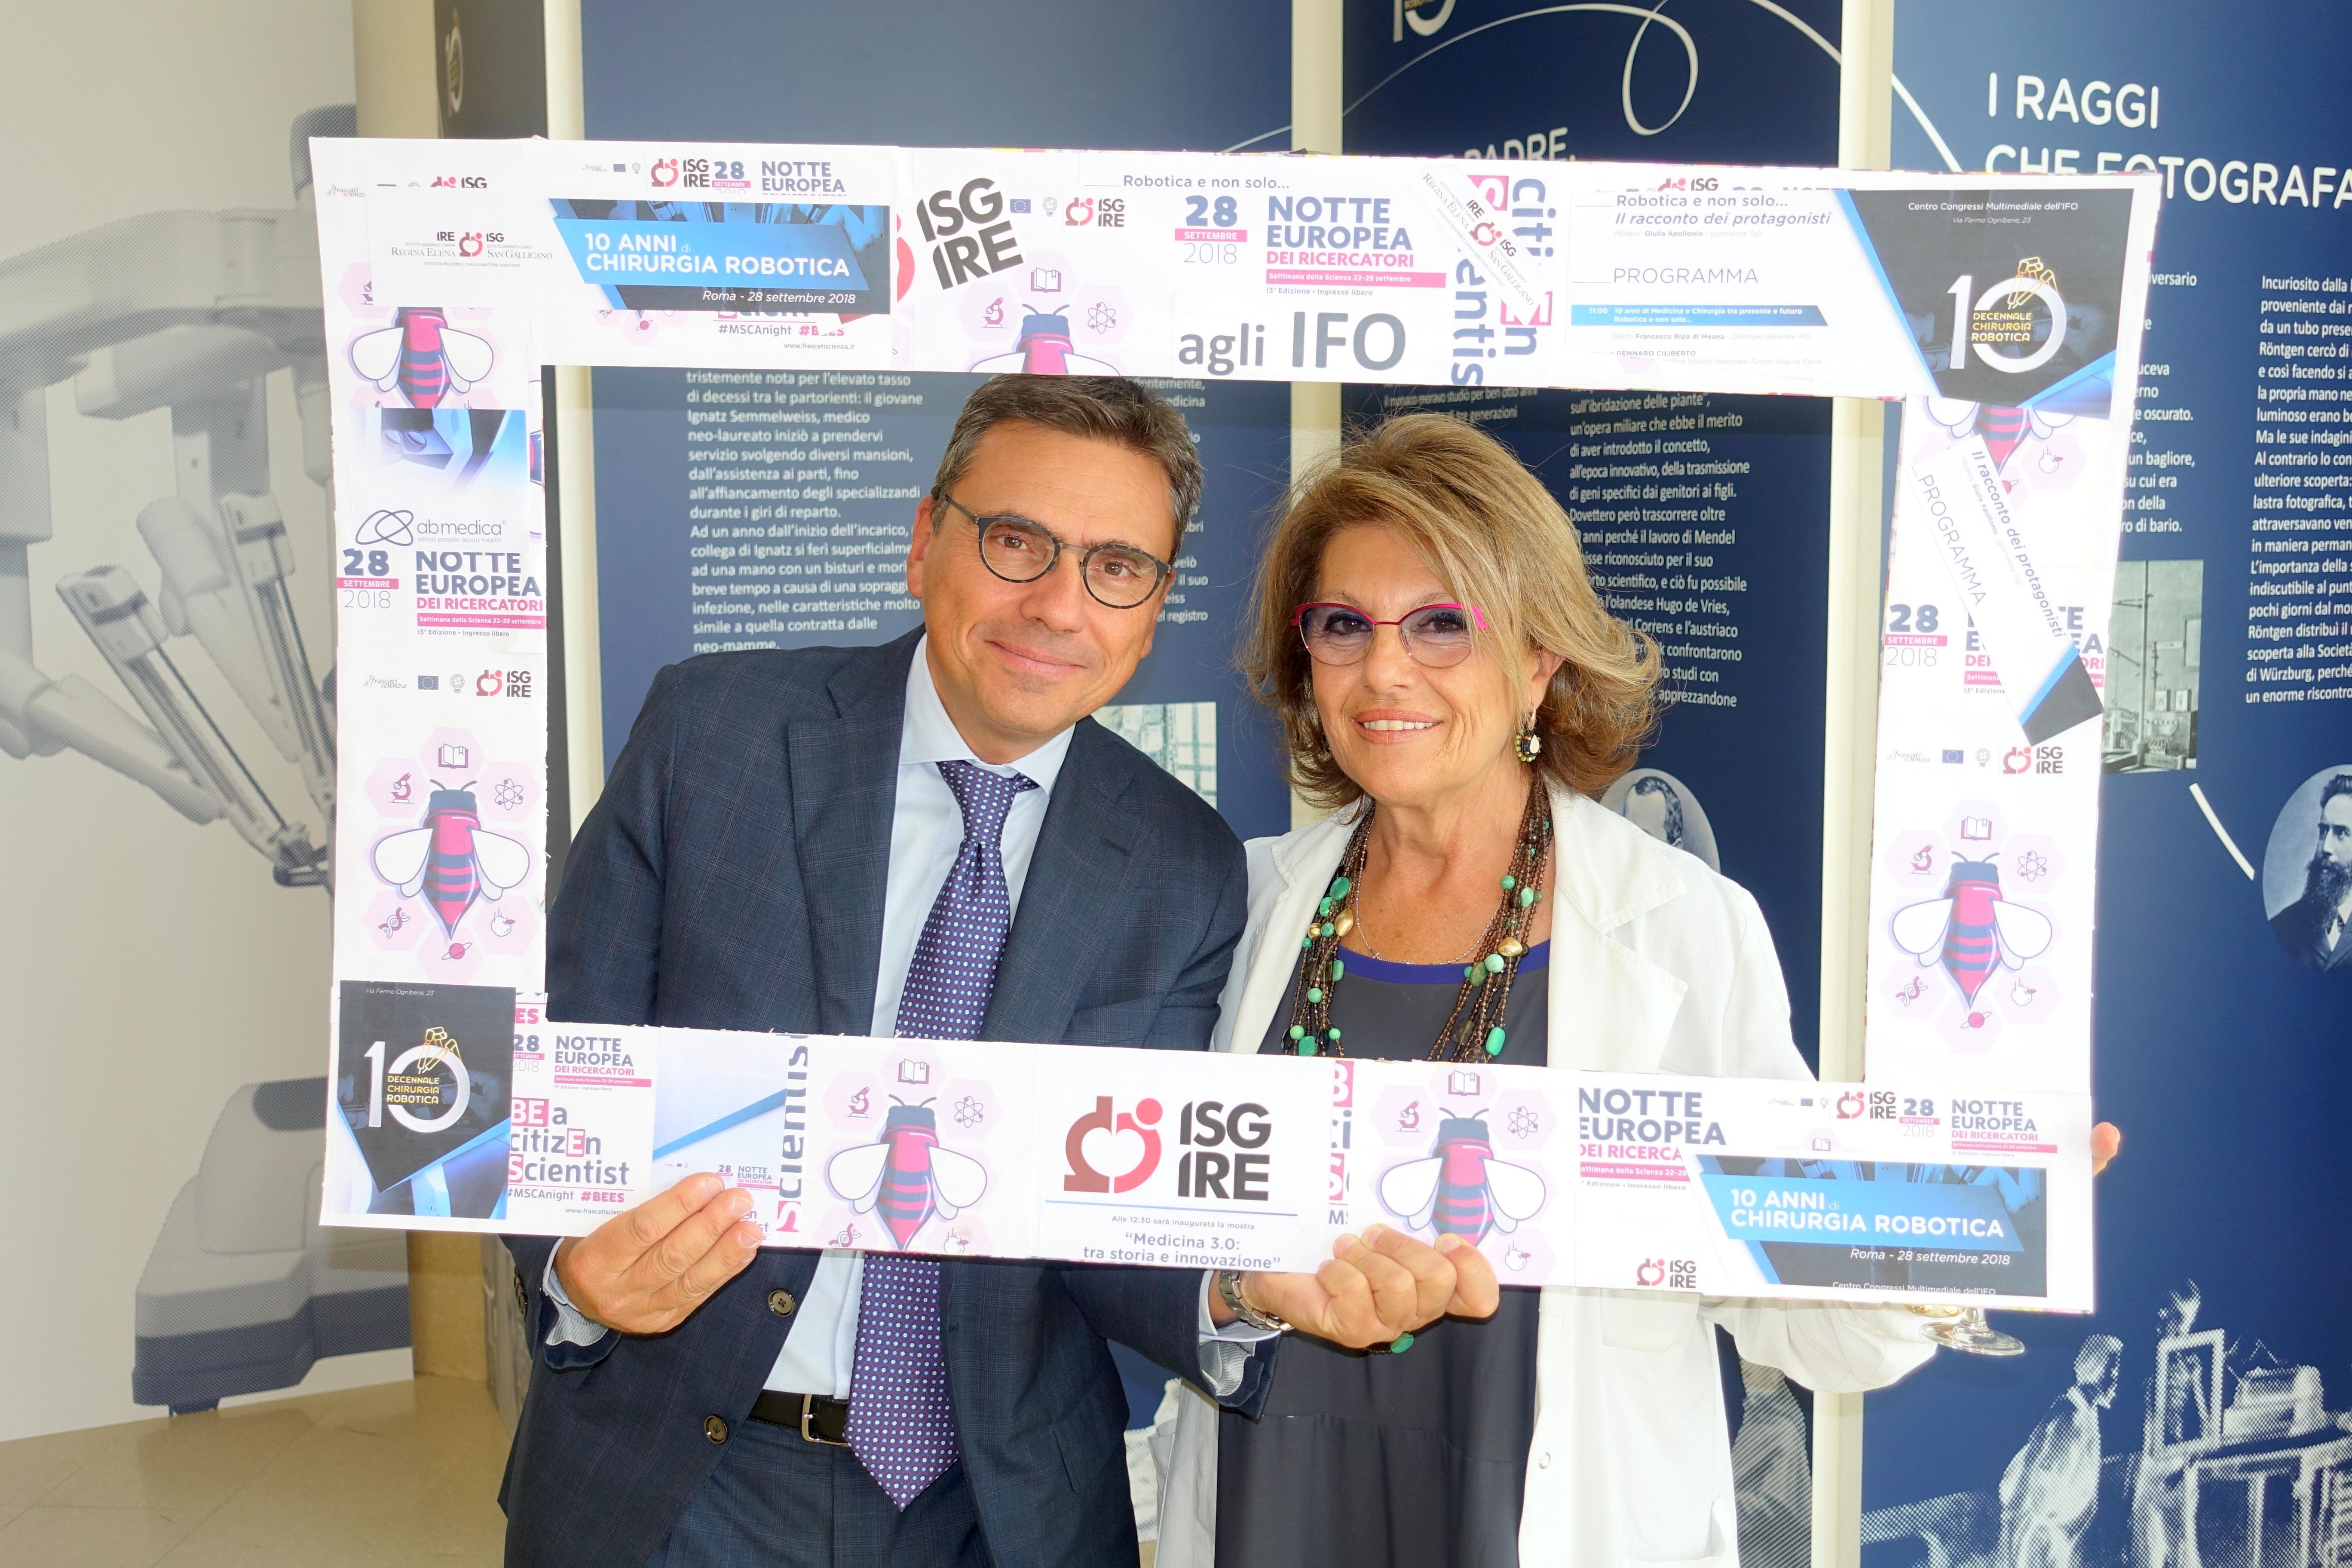 Dr. Vizza e Dott.ssa Forastieri alla mostra sulla chirurgia robotica